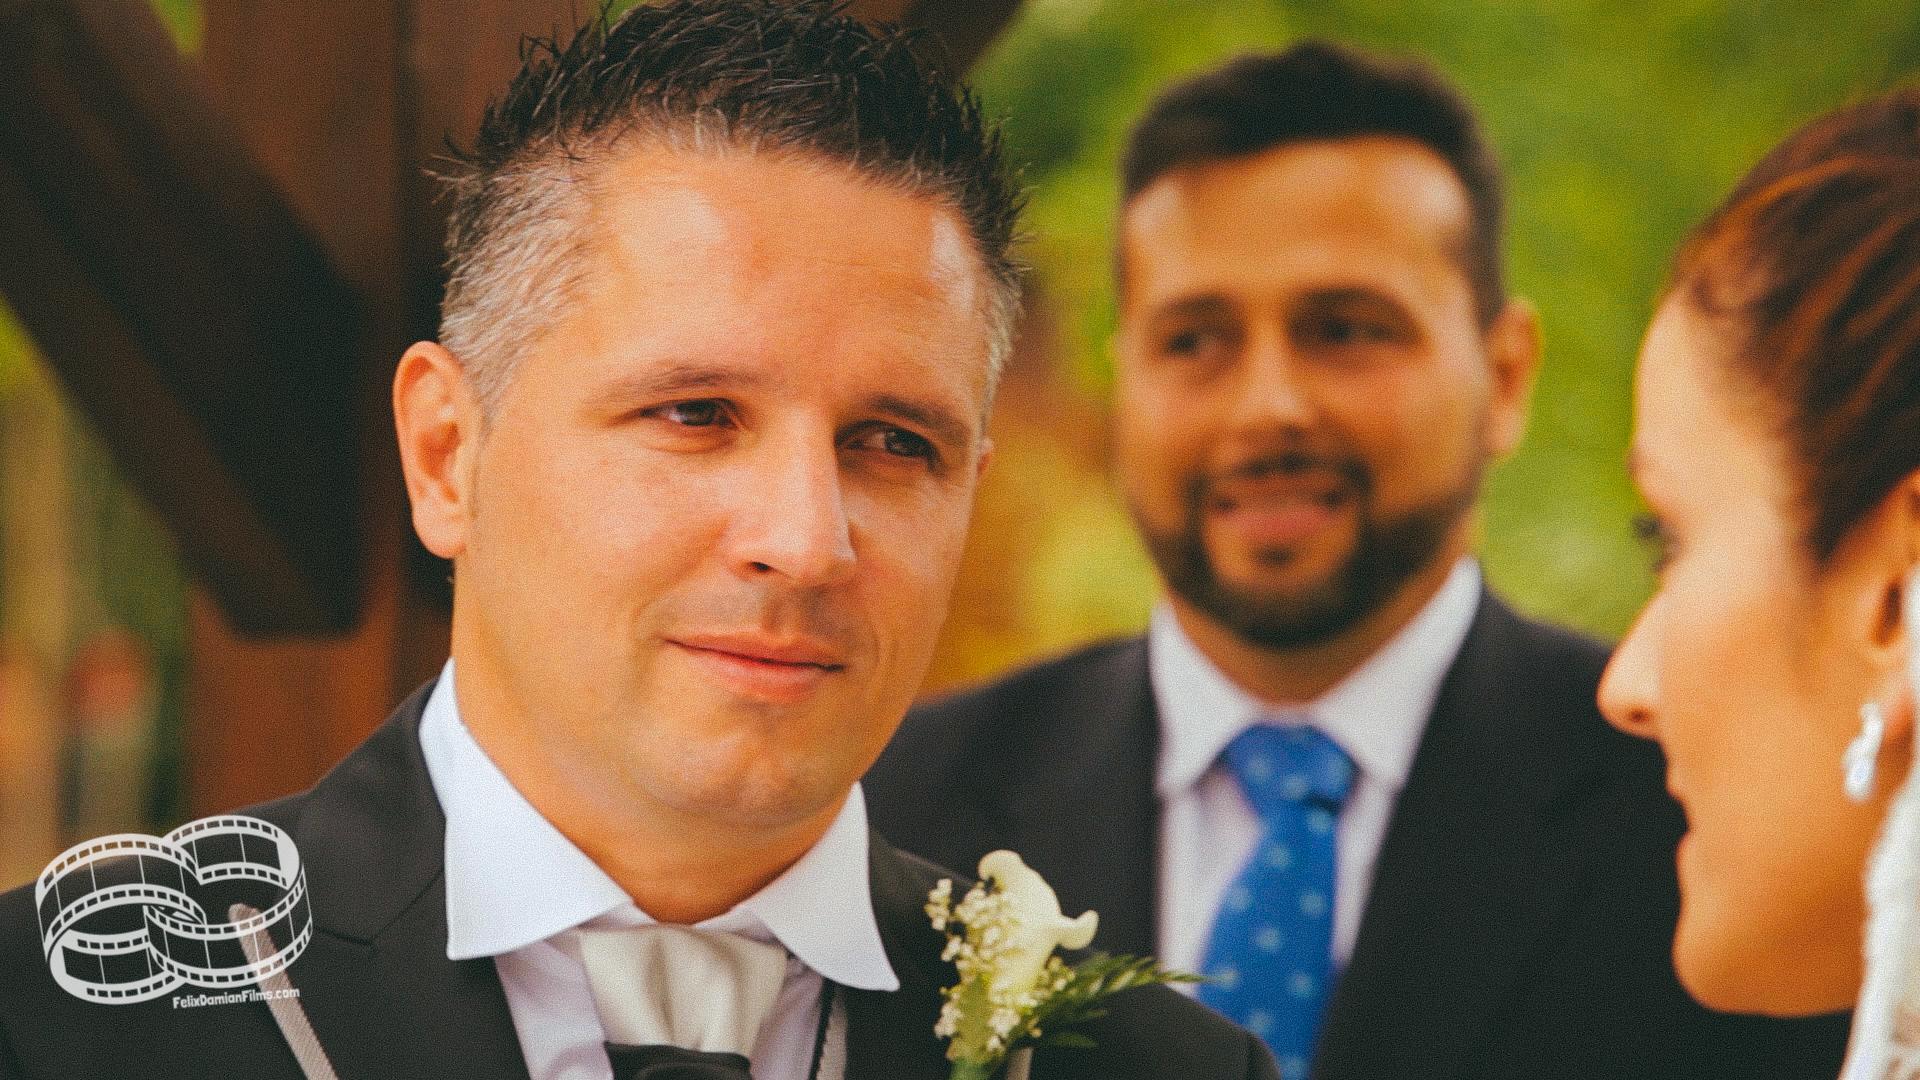 Los recuerdos de un videografo de bodas